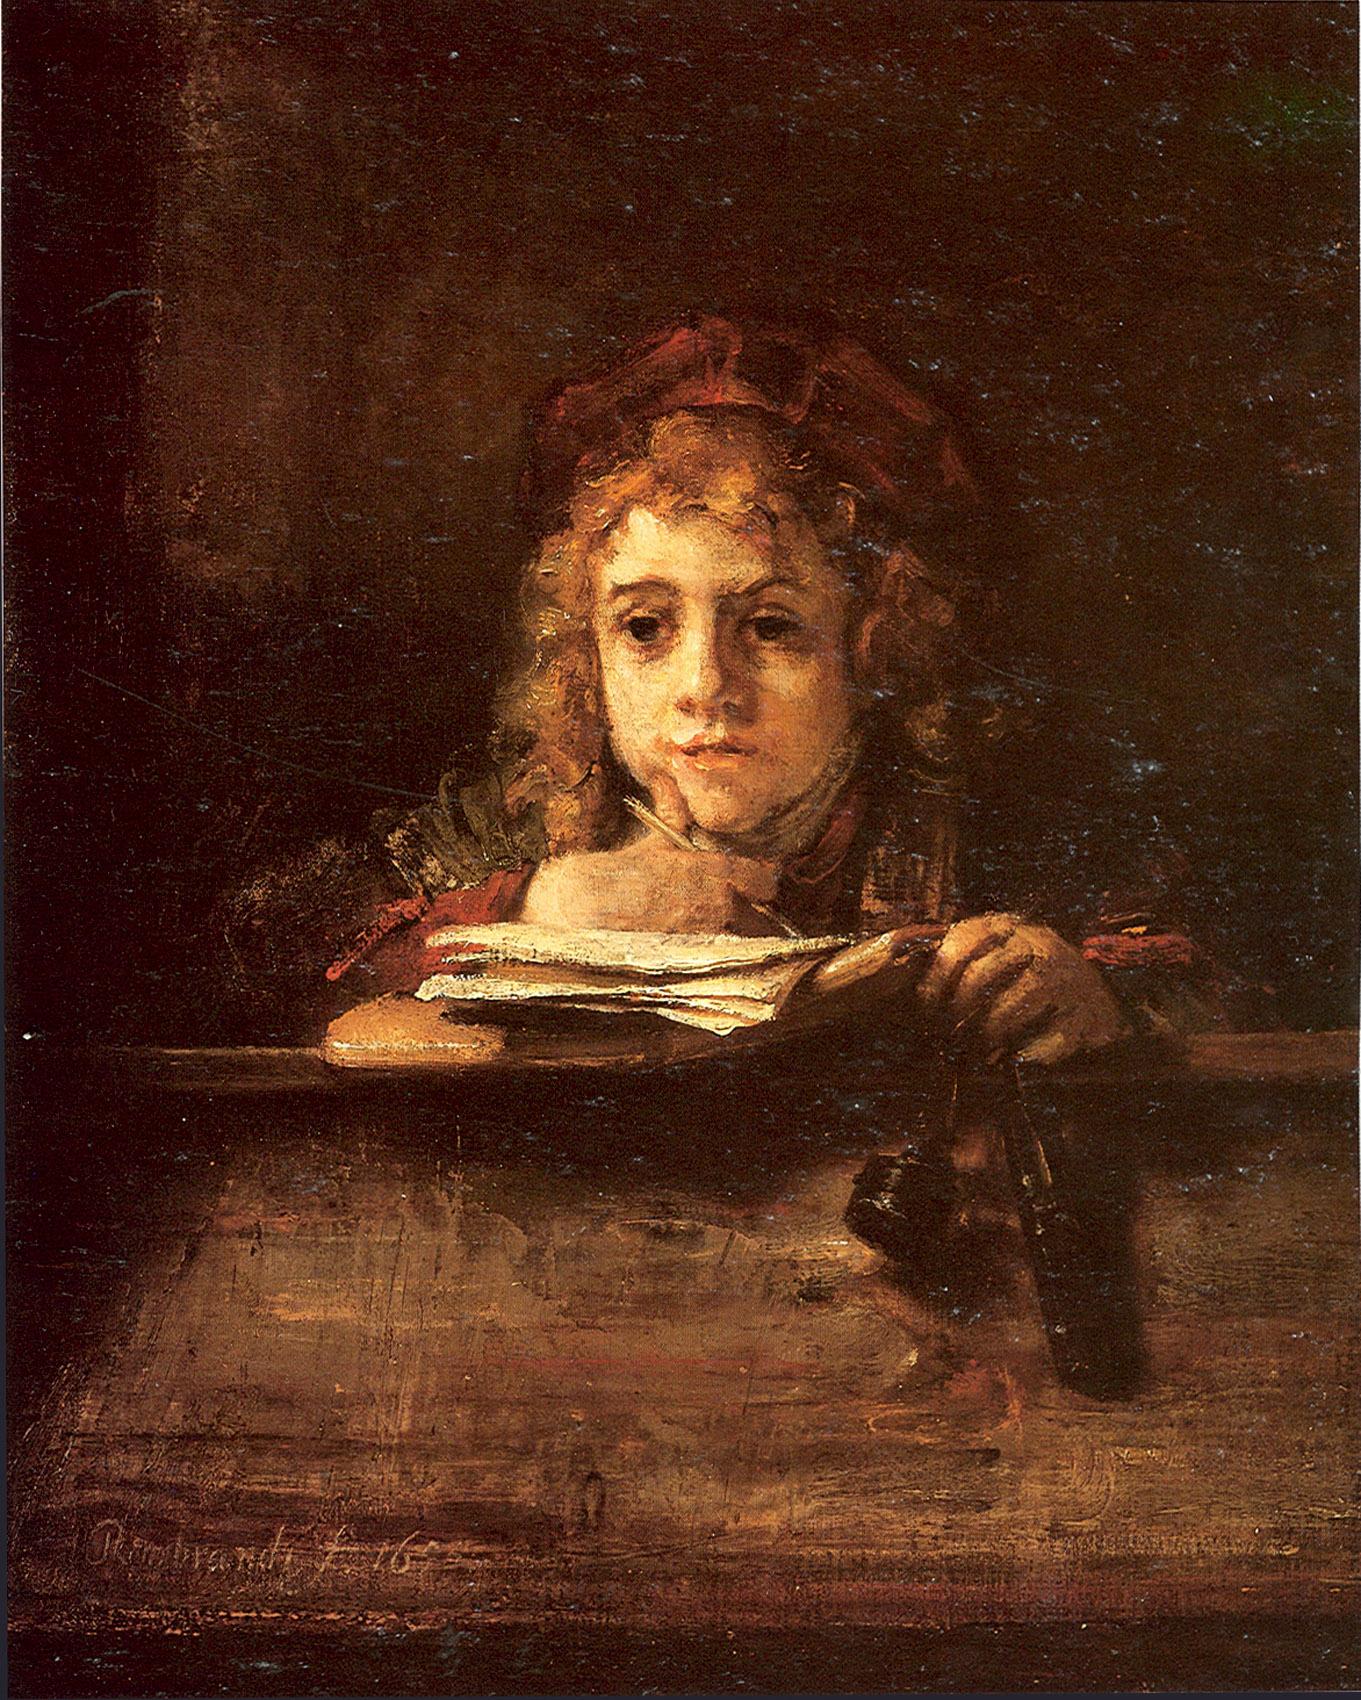 Рембрандт ван Рейн. Сын художника Титус за партой. 1655.